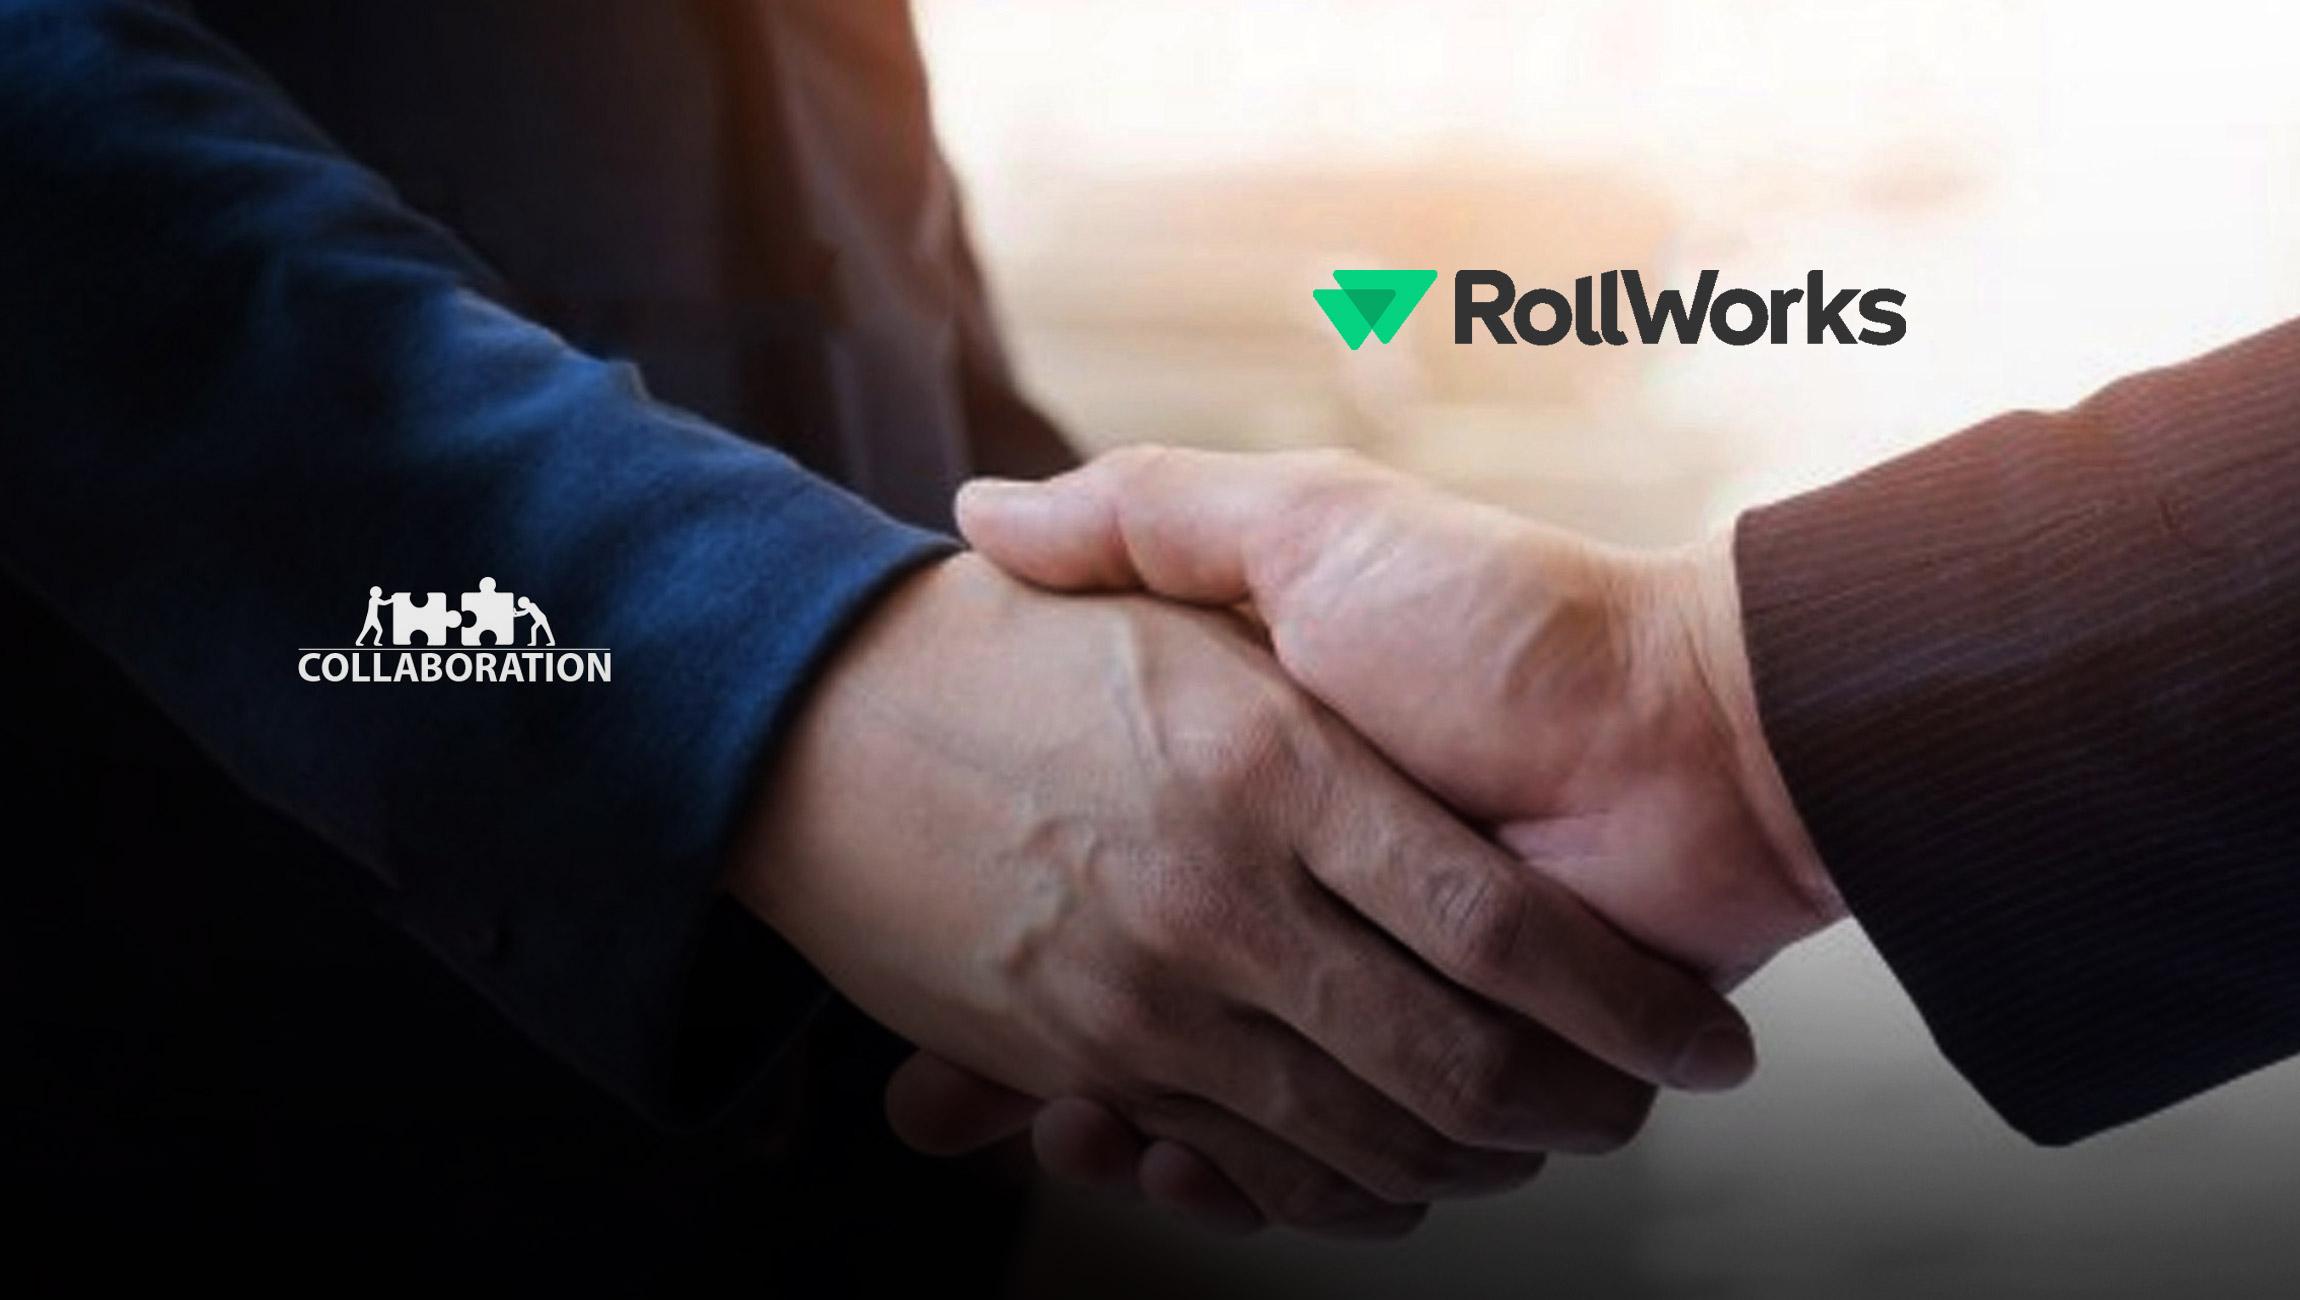 RollWorks Joins The LinkedIn Marketing Partner Program